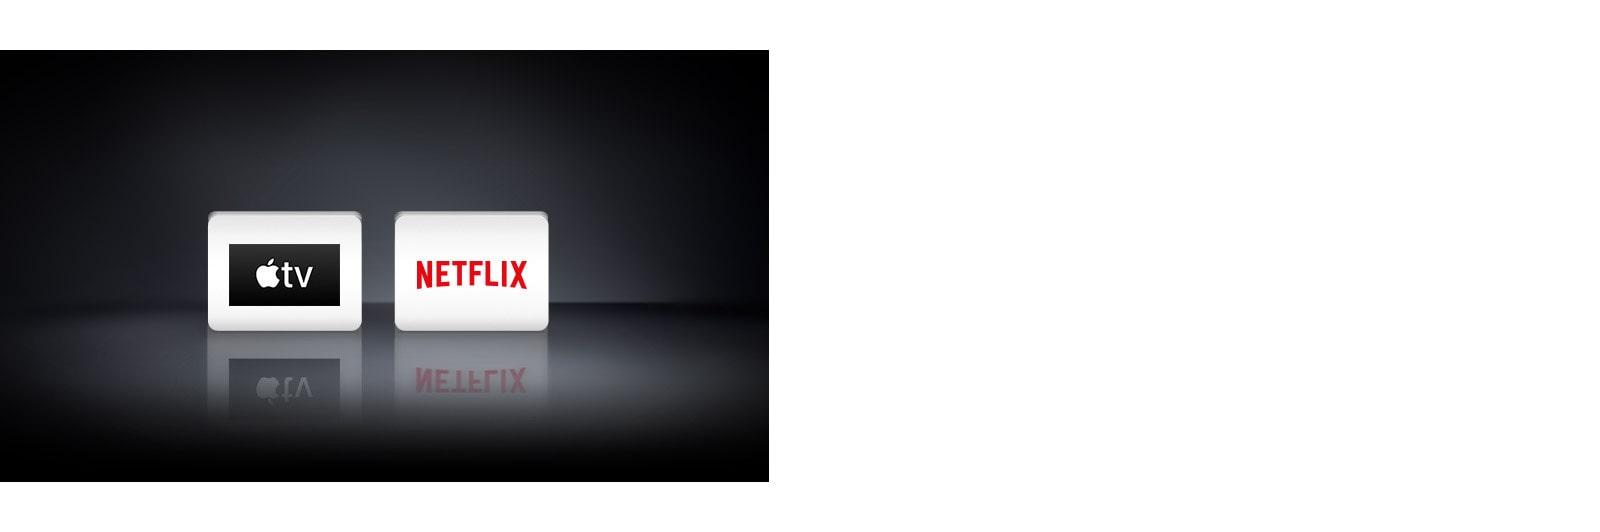 2 logotipos: La aplicación Apple TV, Netllix